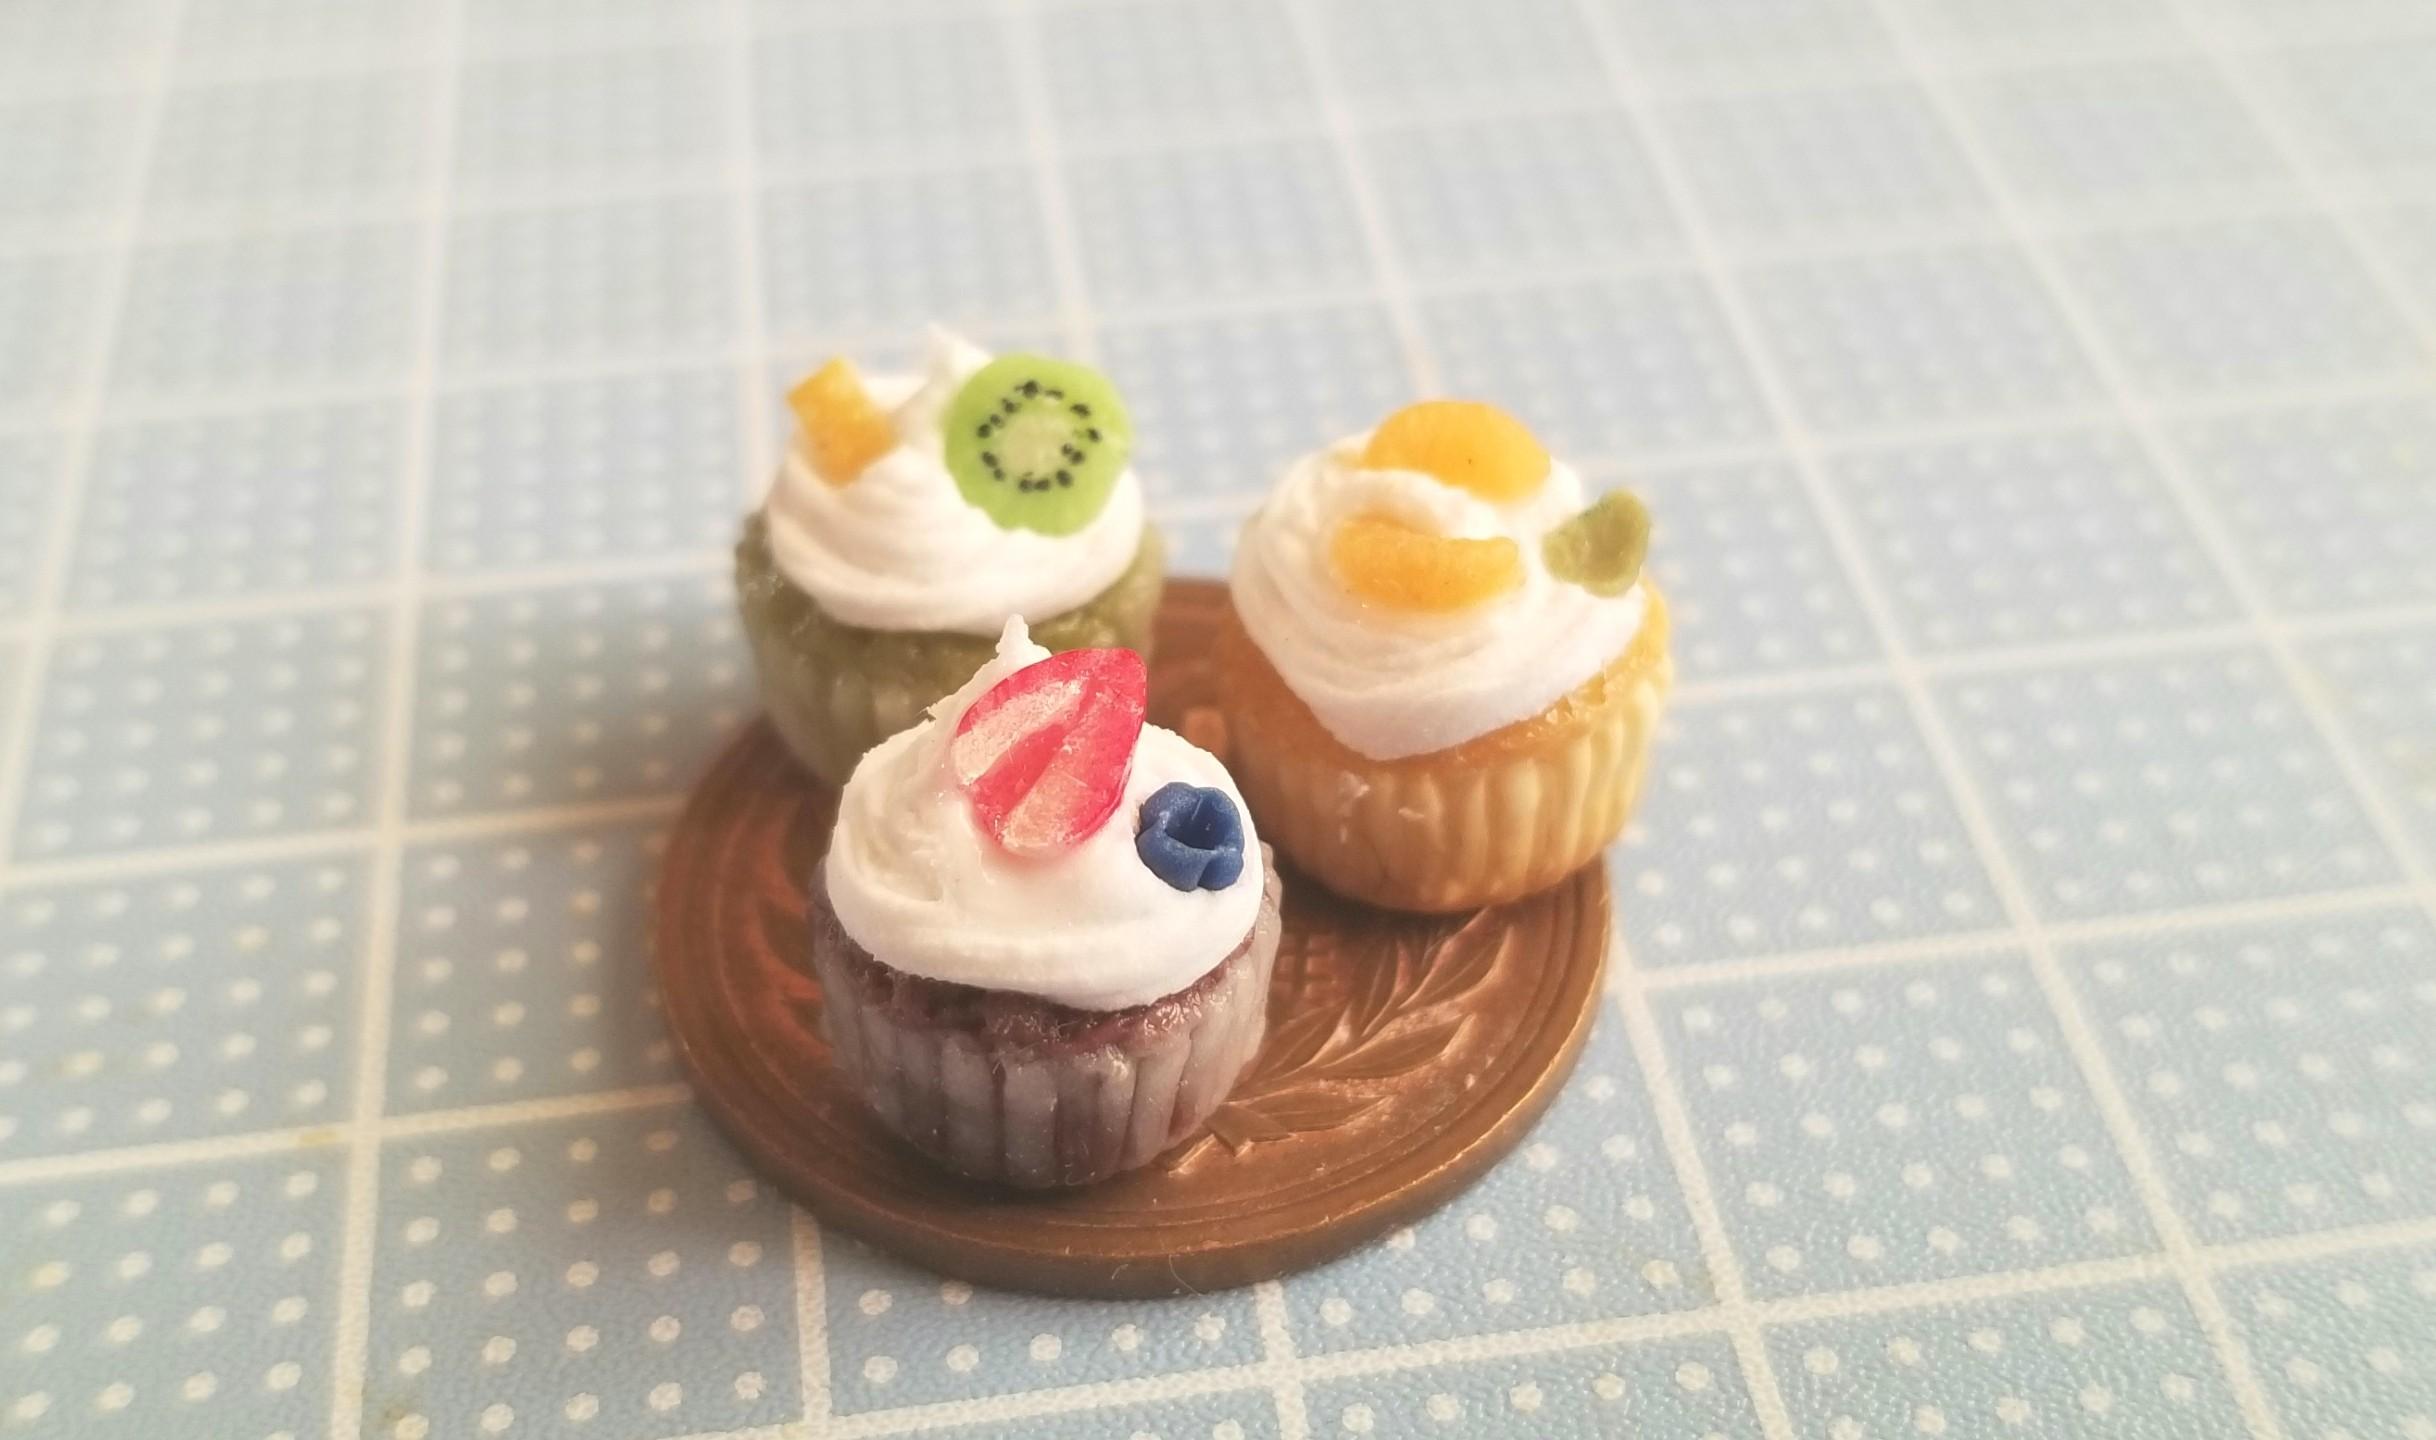 カップケーキ,フルーツ,樹脂粘土,ミニチュアフード,ねんどろいど